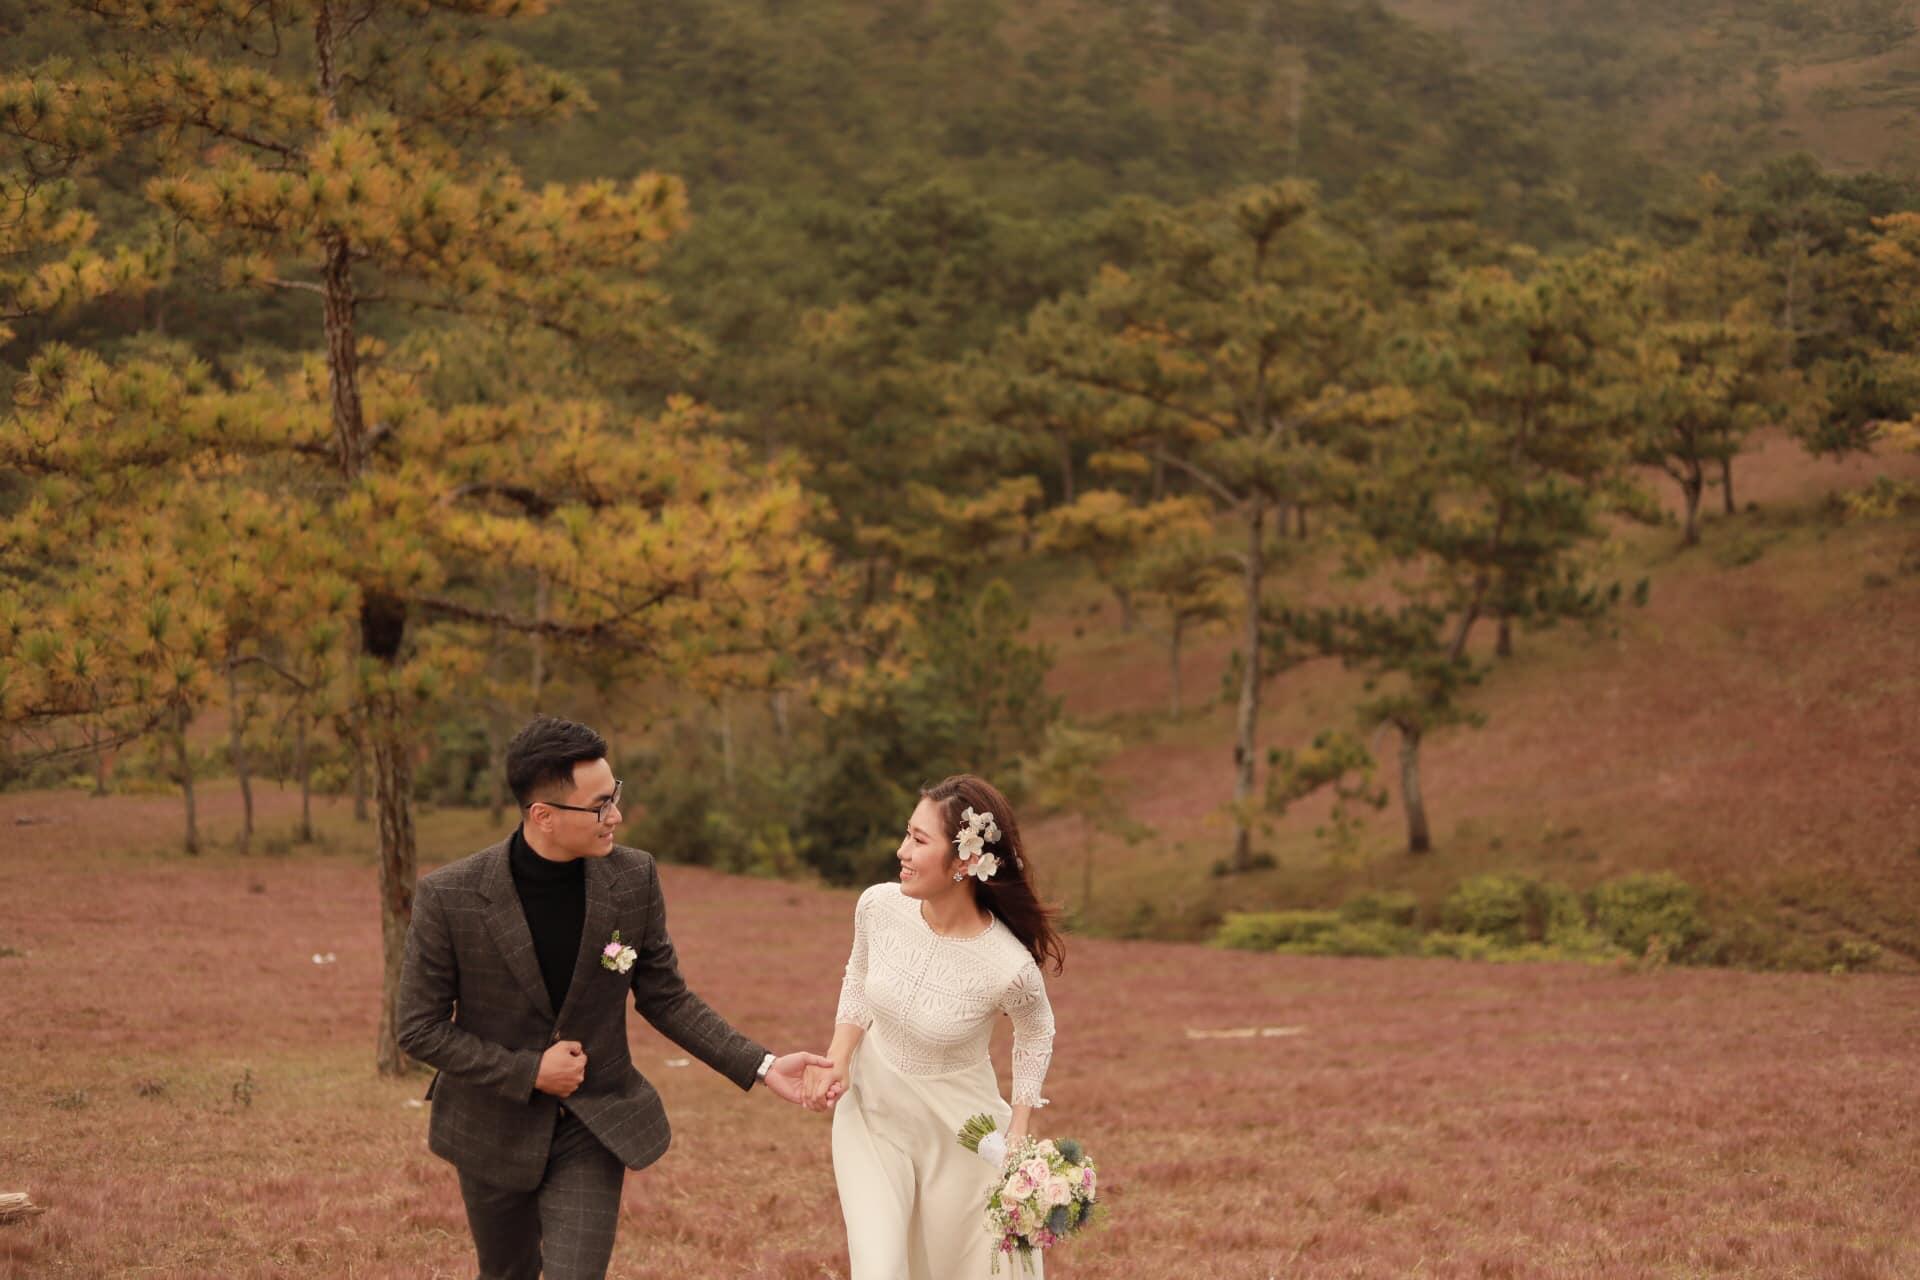 Xếp hạng 6 Studio chụp ảnh cưới đẹp nhất TP Vũng Tàu -  Ryo Studio